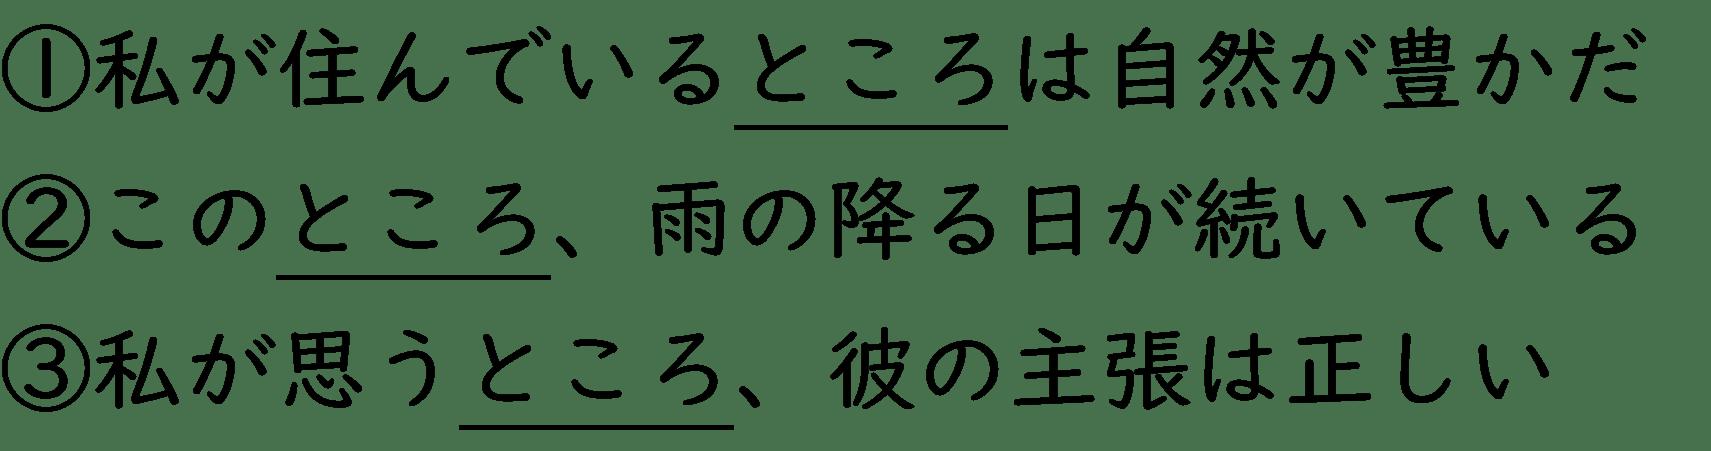 「ところ」の例文